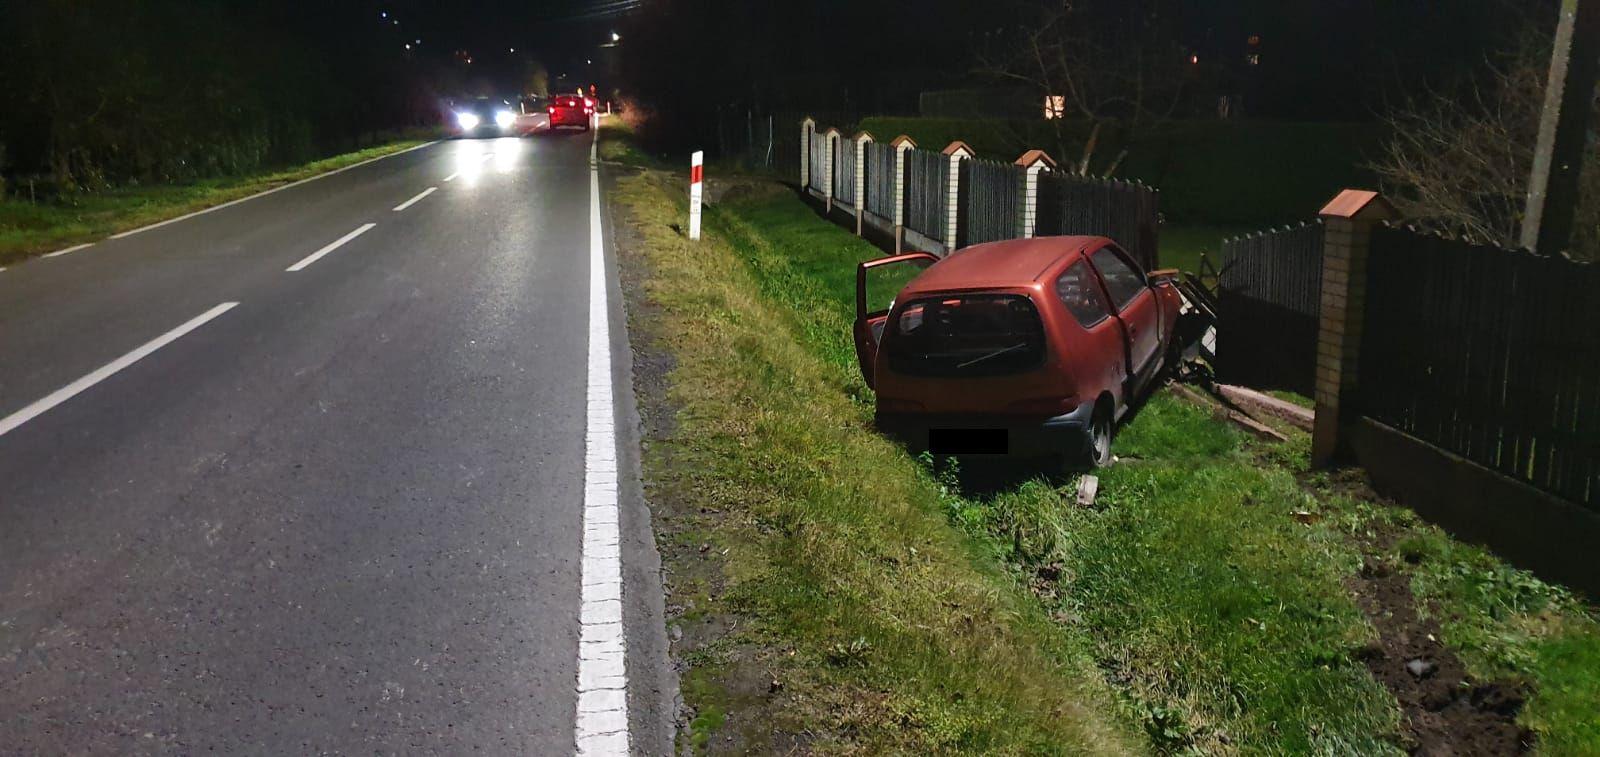 Kolizja na drodze wojewódzkiej, auto wypadło z drogi